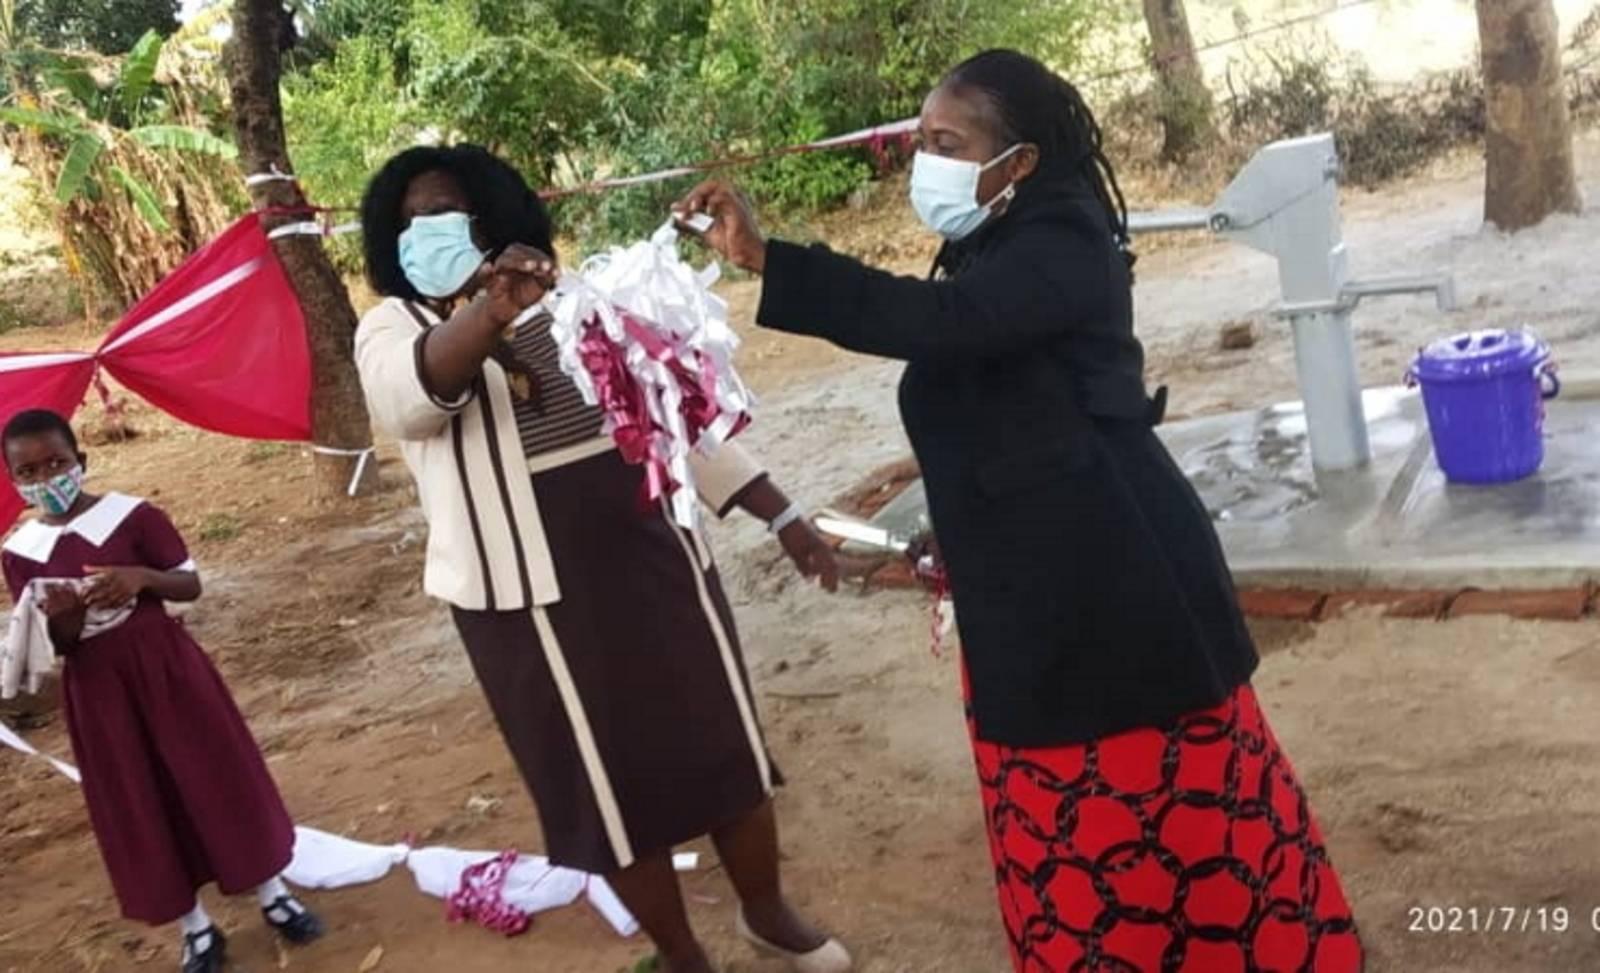 Zwei Frauen mit einer Papierschleife in den Händen auf dem geschmückten Schulgelände. Daneben steht eine Schülerin. Im Hintergrund der neu gebaute Brunnen.